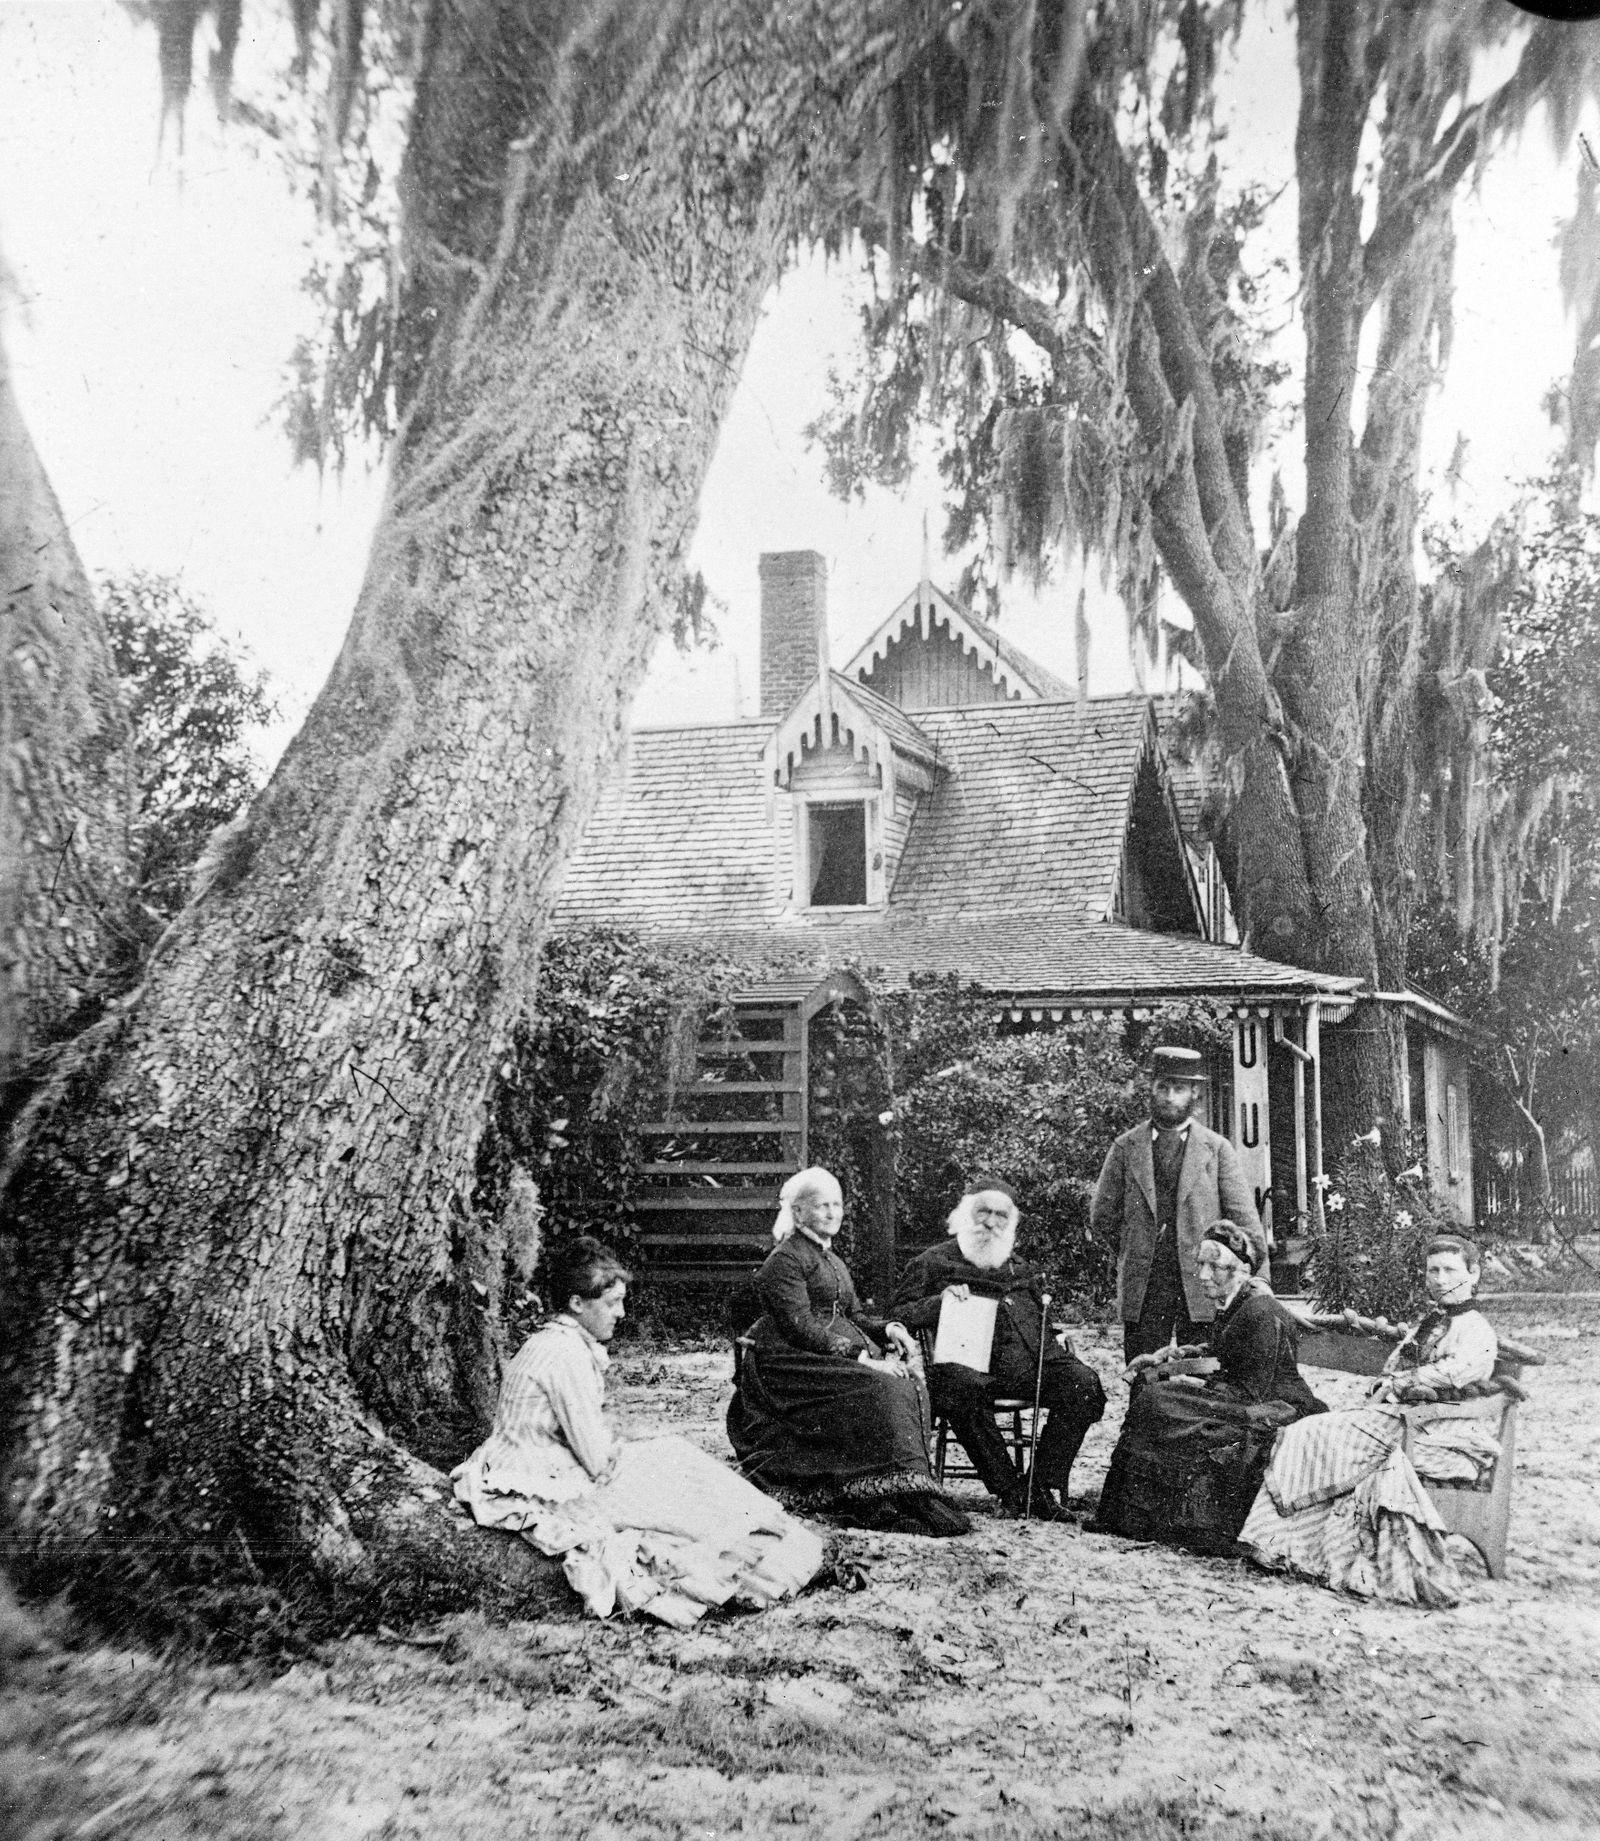 Harriet Beecher Stowe & Husband At Home